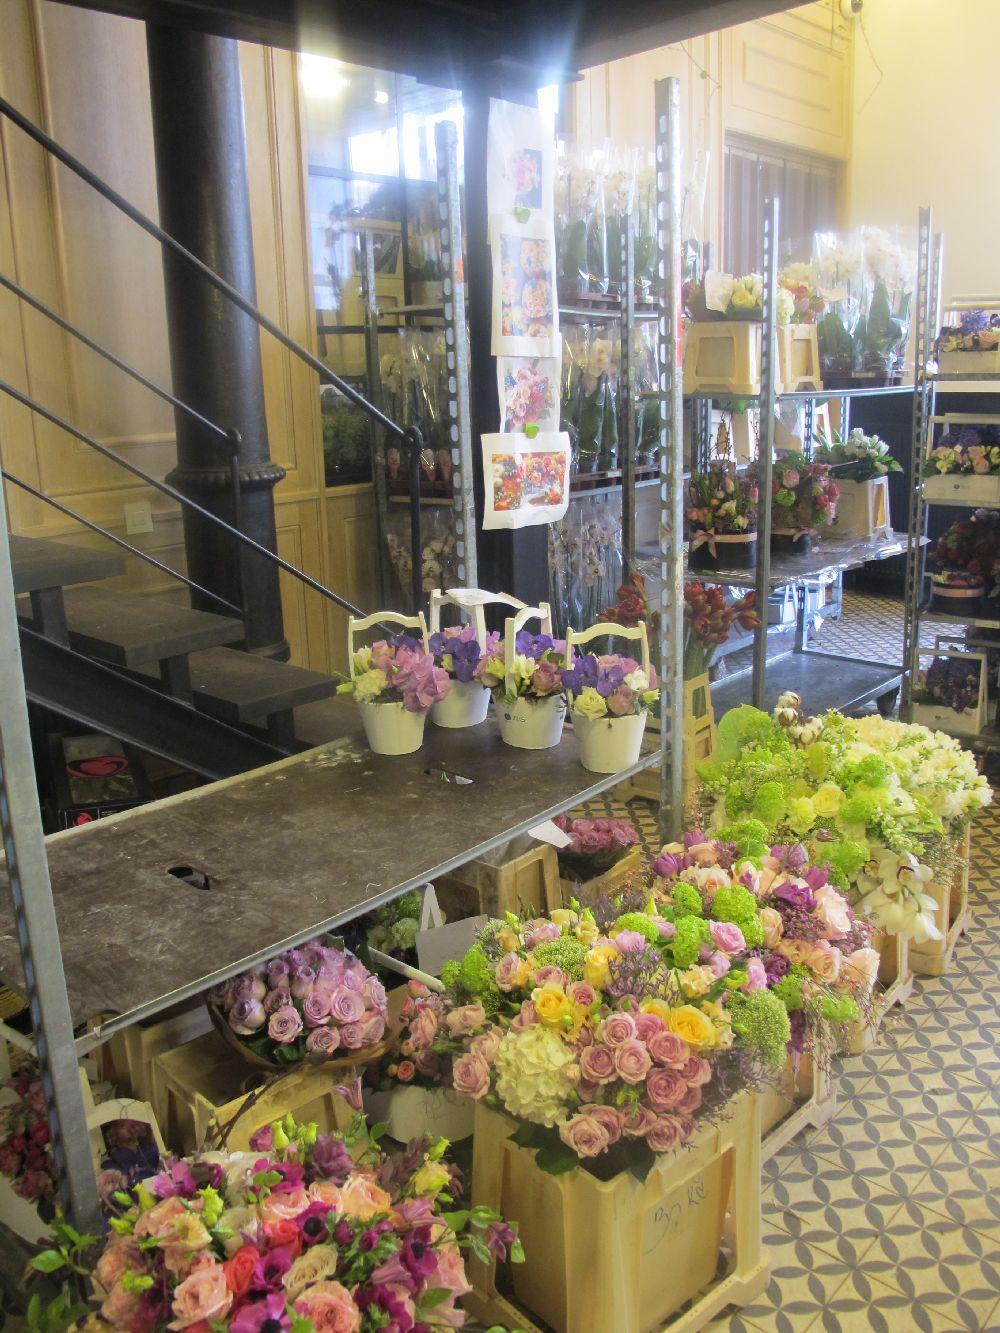 adelaparvu.com despre atelierul designerului florist Nicu Bocancea, Foraria Iris, design interior Pascal Delmotte (43)